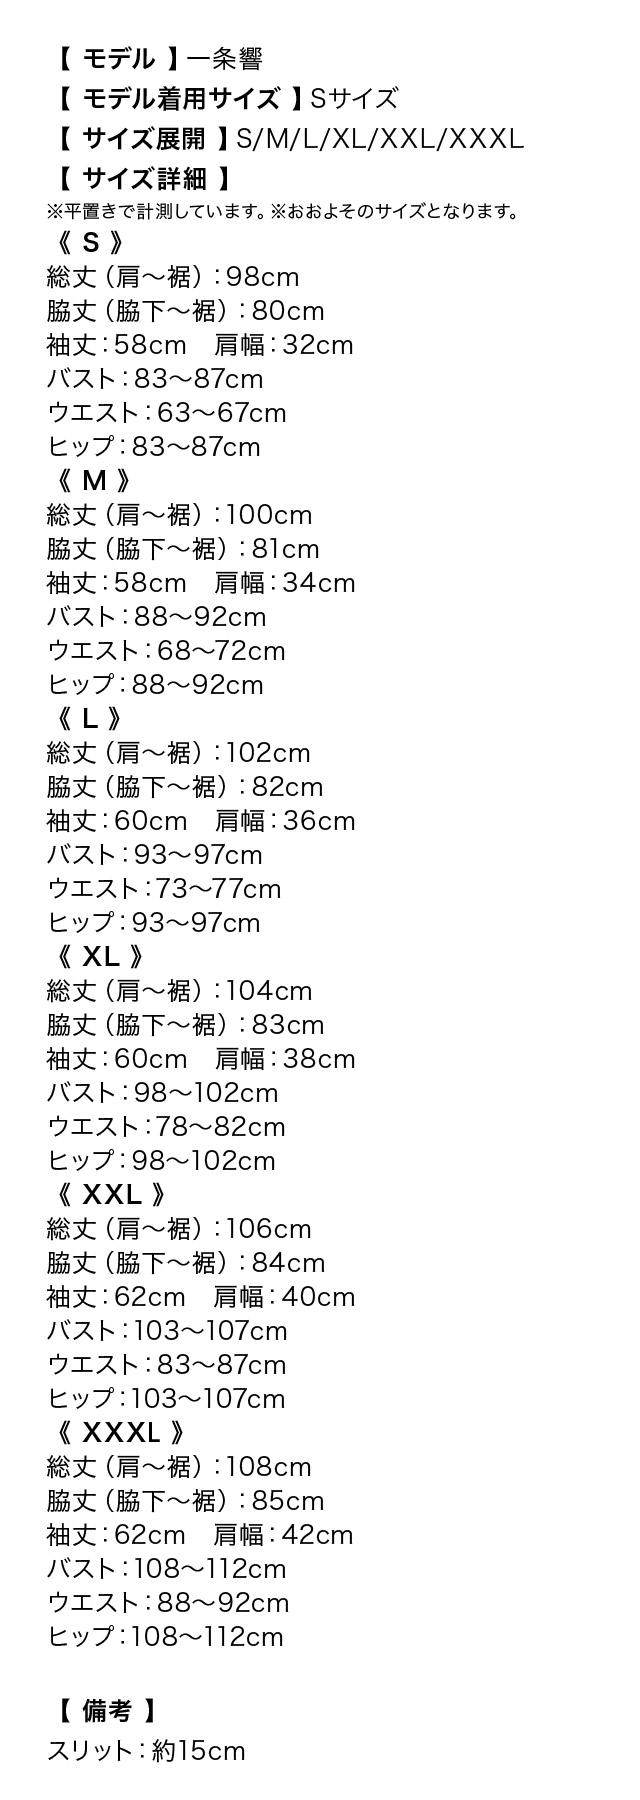 売れ筋キャバドレスのサイズ表